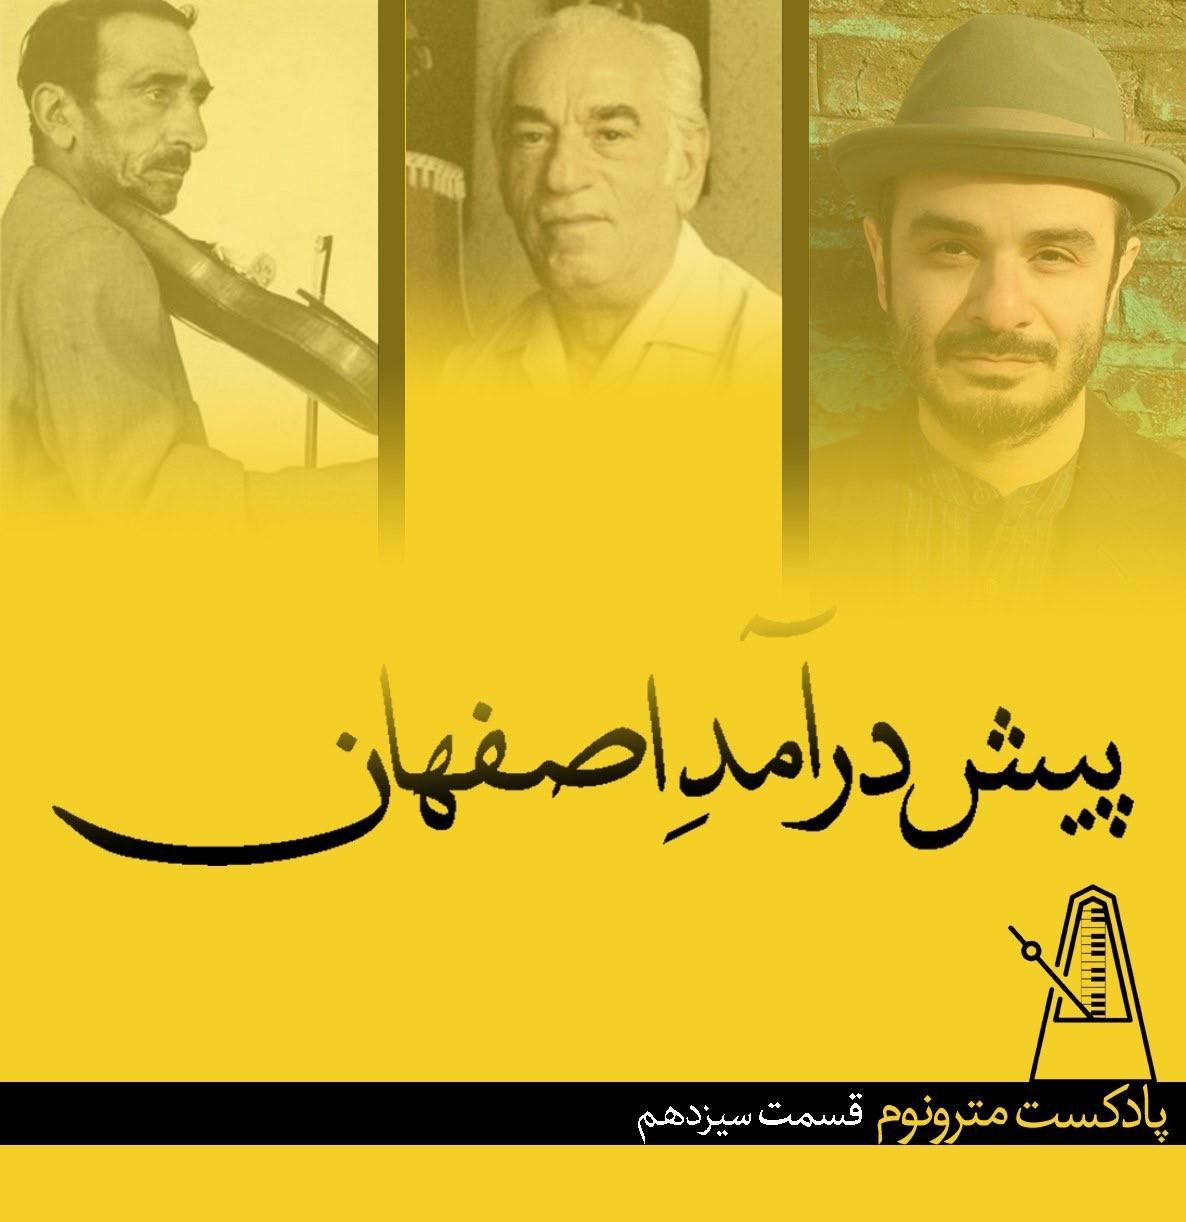 پیش درآمد اصفهان